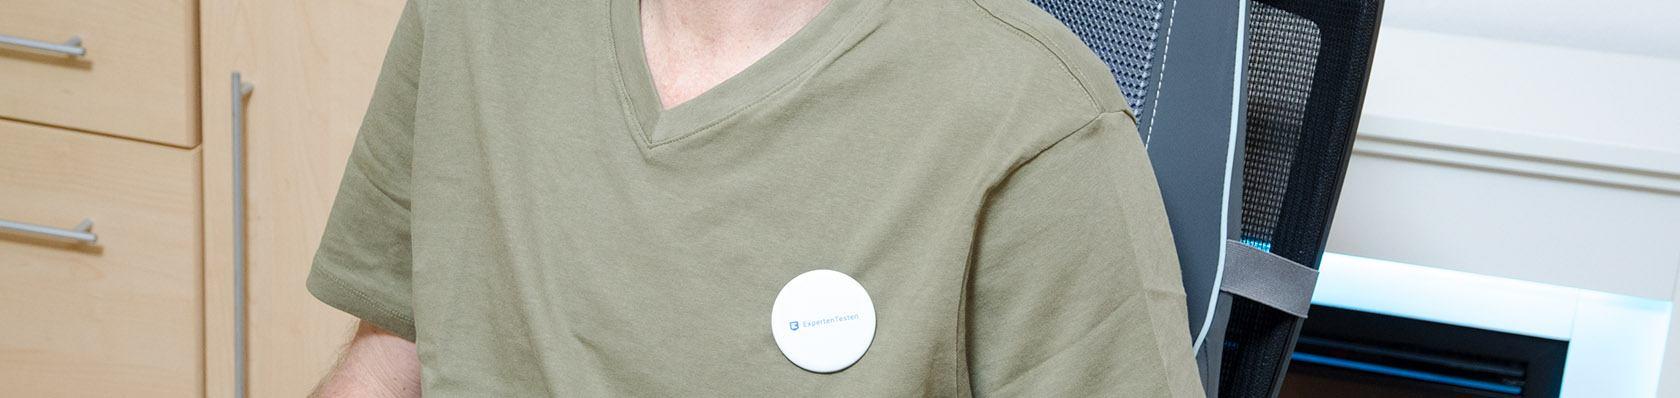 Poloshirts im Test auf ExpertenTesten.de